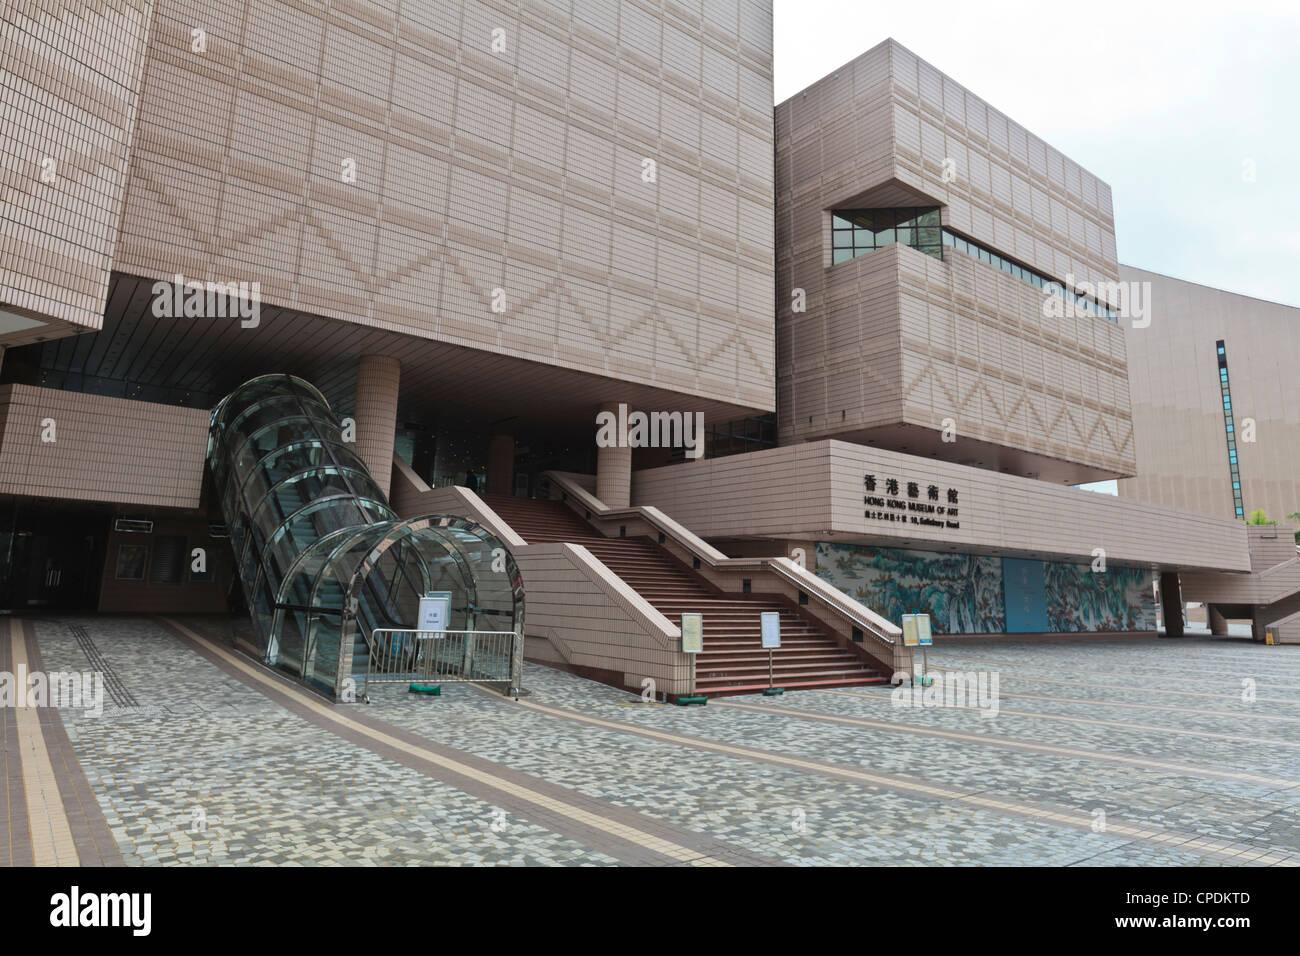 Hong Kong Museum of Art, Tsim Sha Tsui, Kowloon, Hong Kong, China, Asia - Stock Image